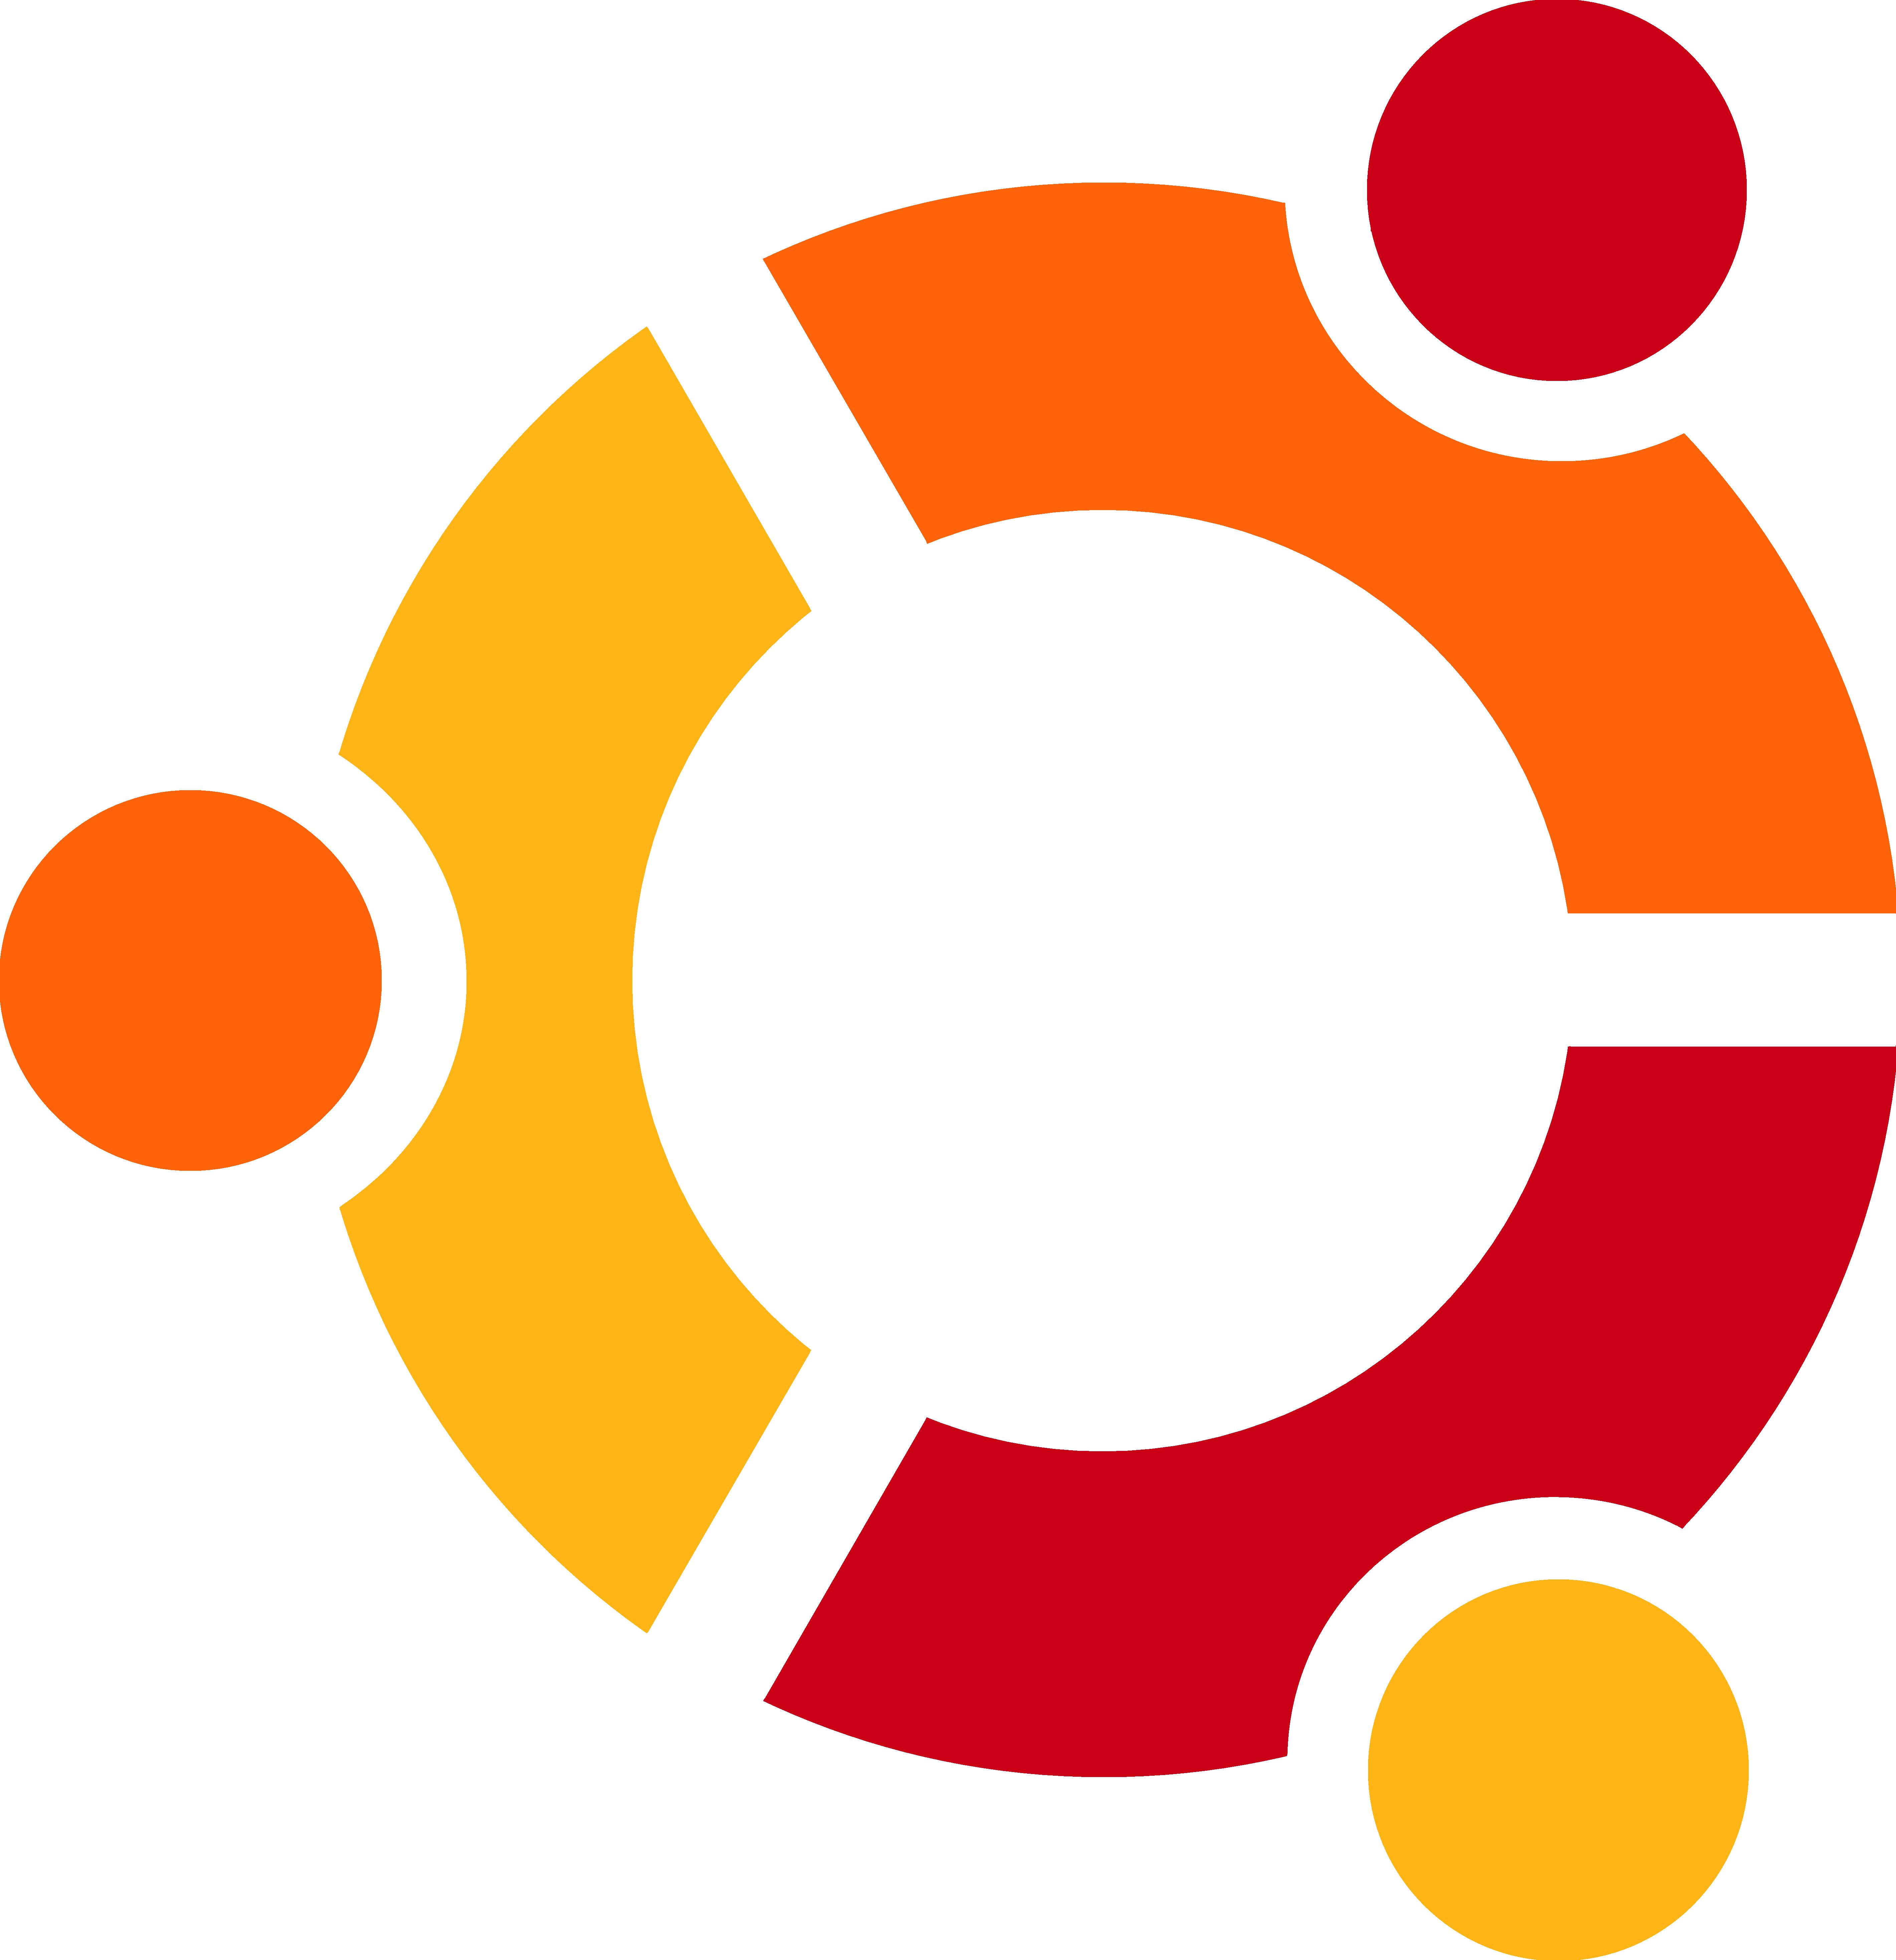 (with speedvideo) Ubuntu logo vector(2) by WindyThePlaneh ... Ubuntu Logo